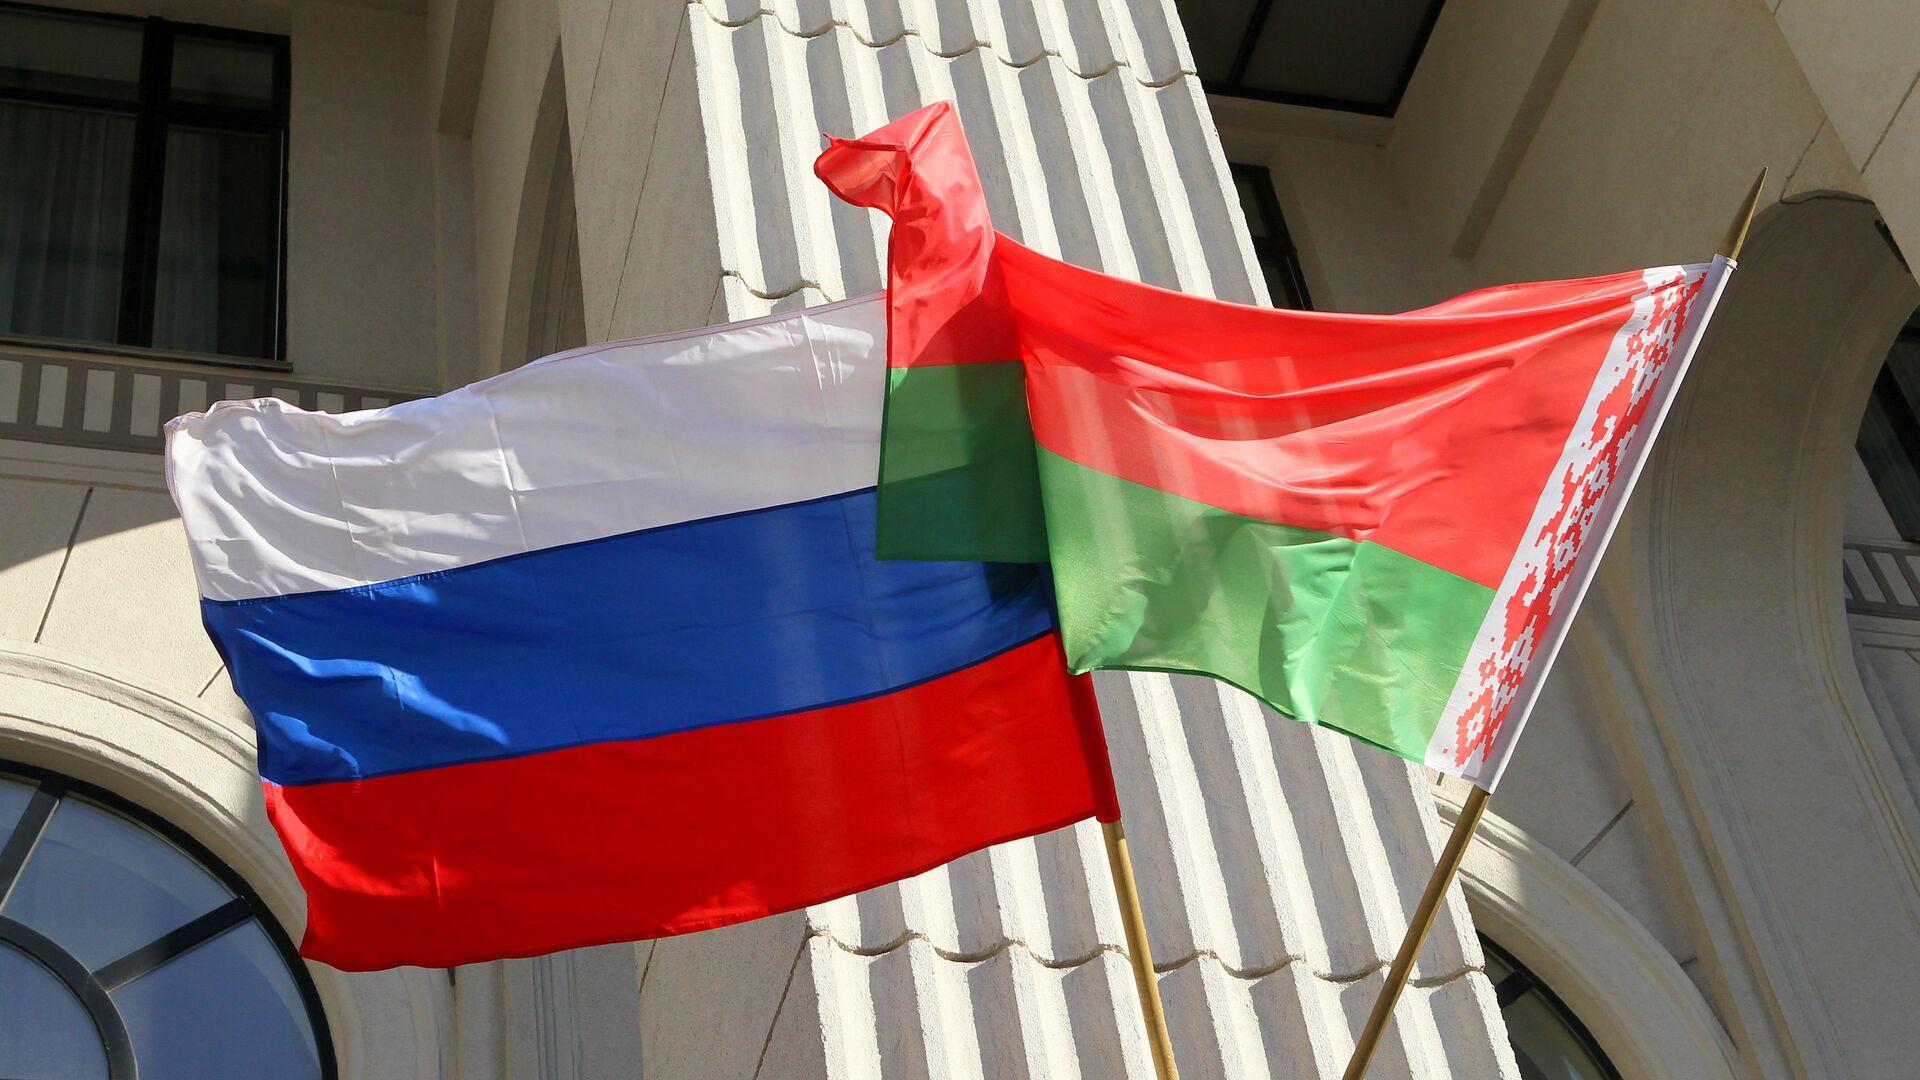 Флаги России и Белоруссии. Архивное фото - РИА Новости, 1920, 07.10.2021